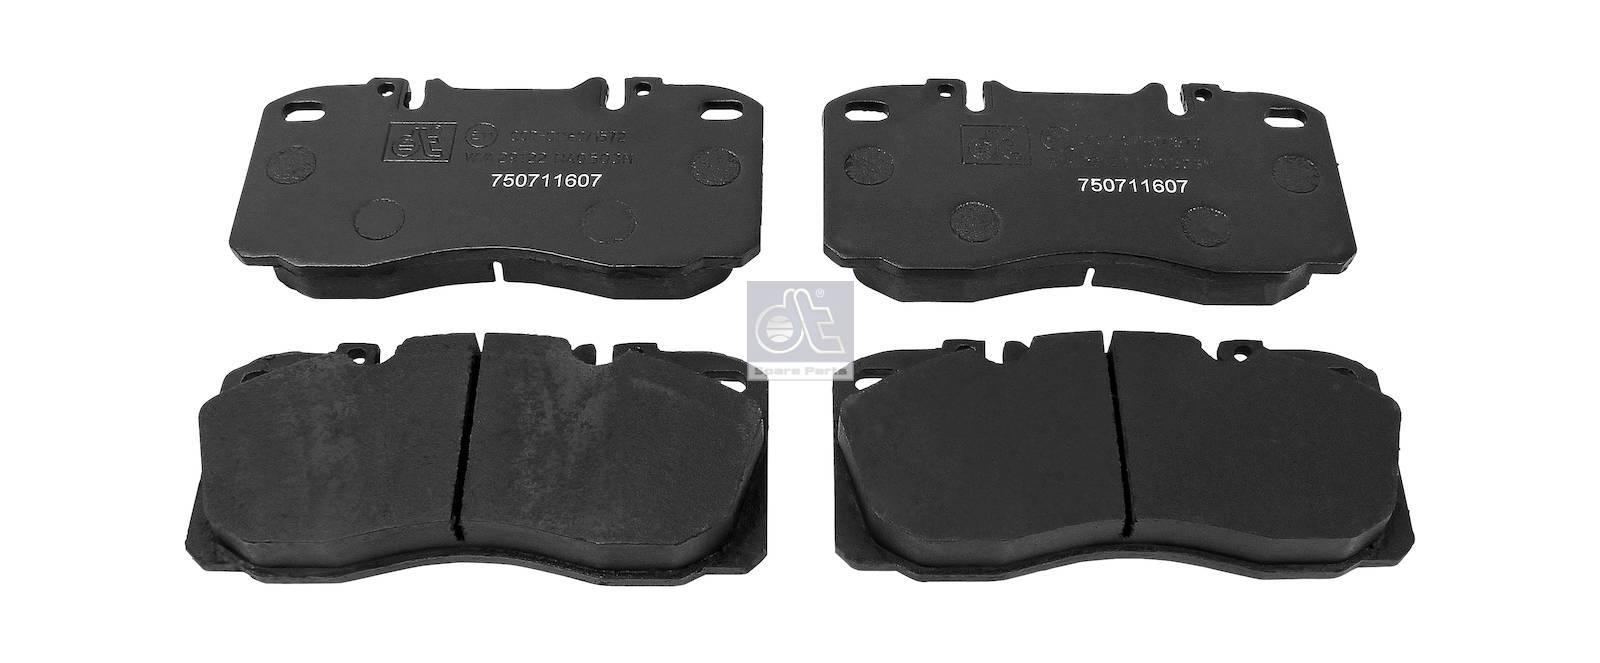 Disc brake pad kit